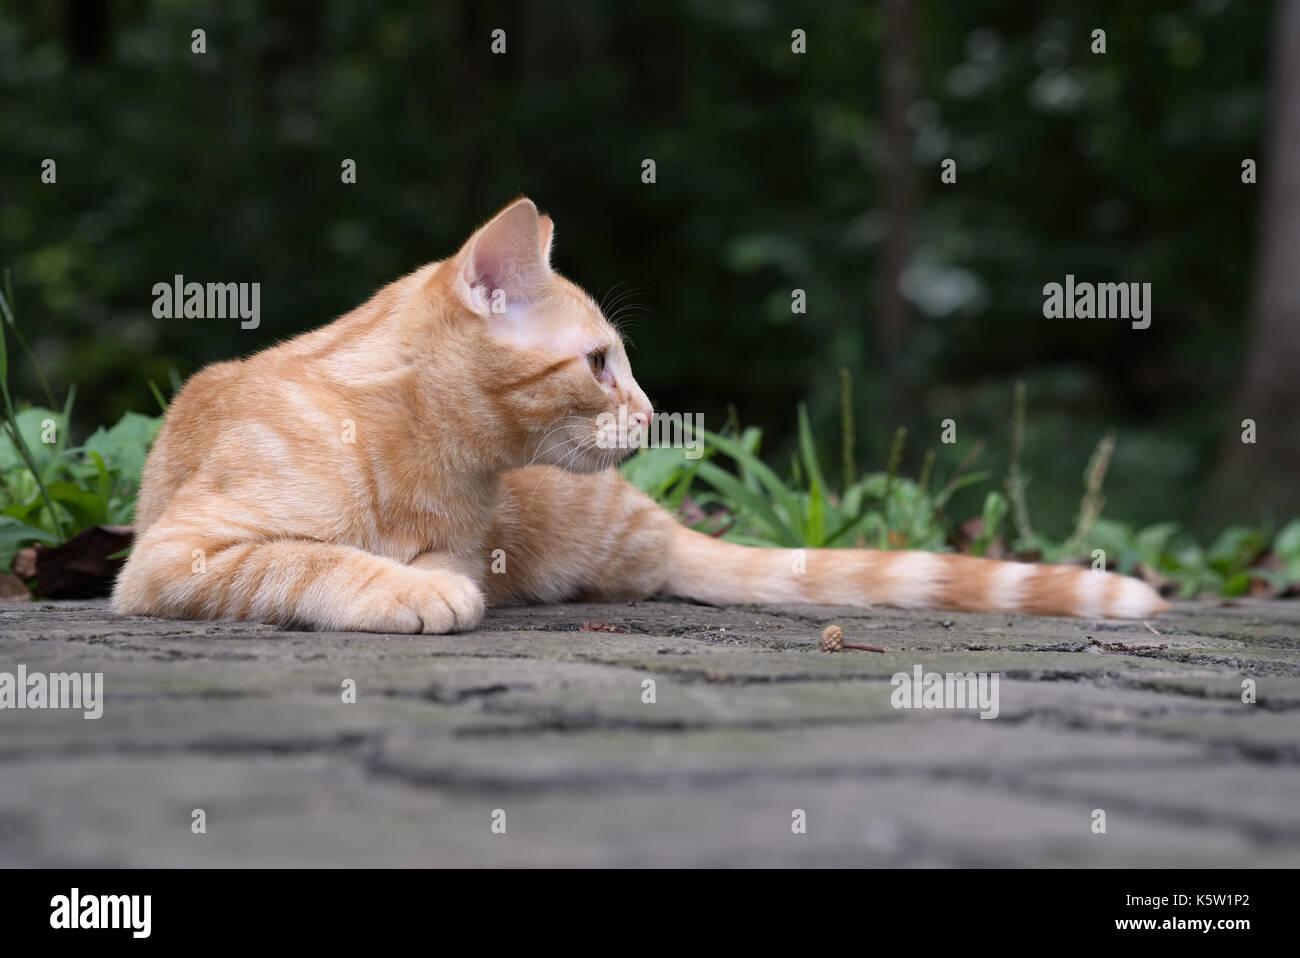 Orange kittn acostado afuera, prestando atención. Imagen De Stock